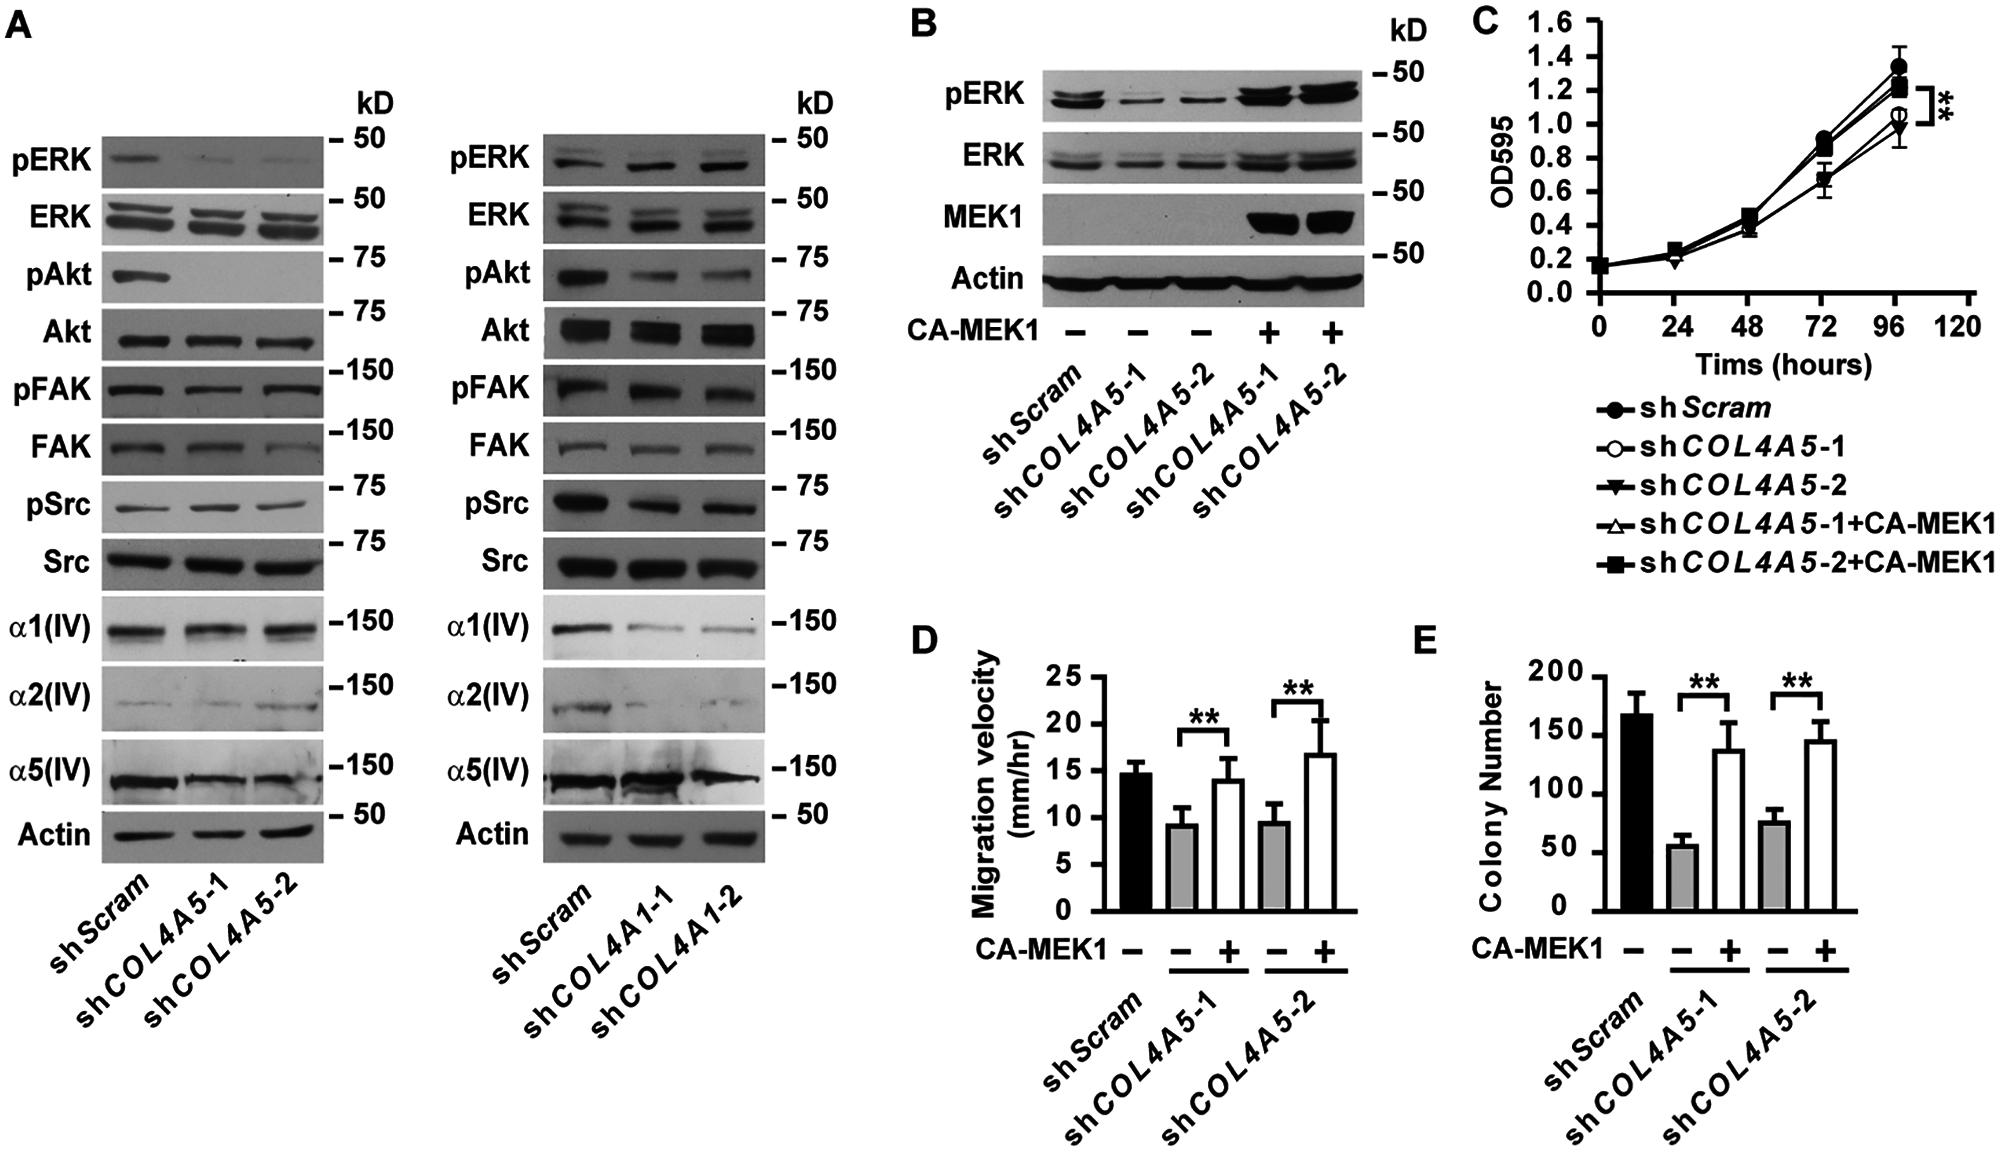 α5(IV), but not α1(IV), deficiency results in impaired activation of ERK.